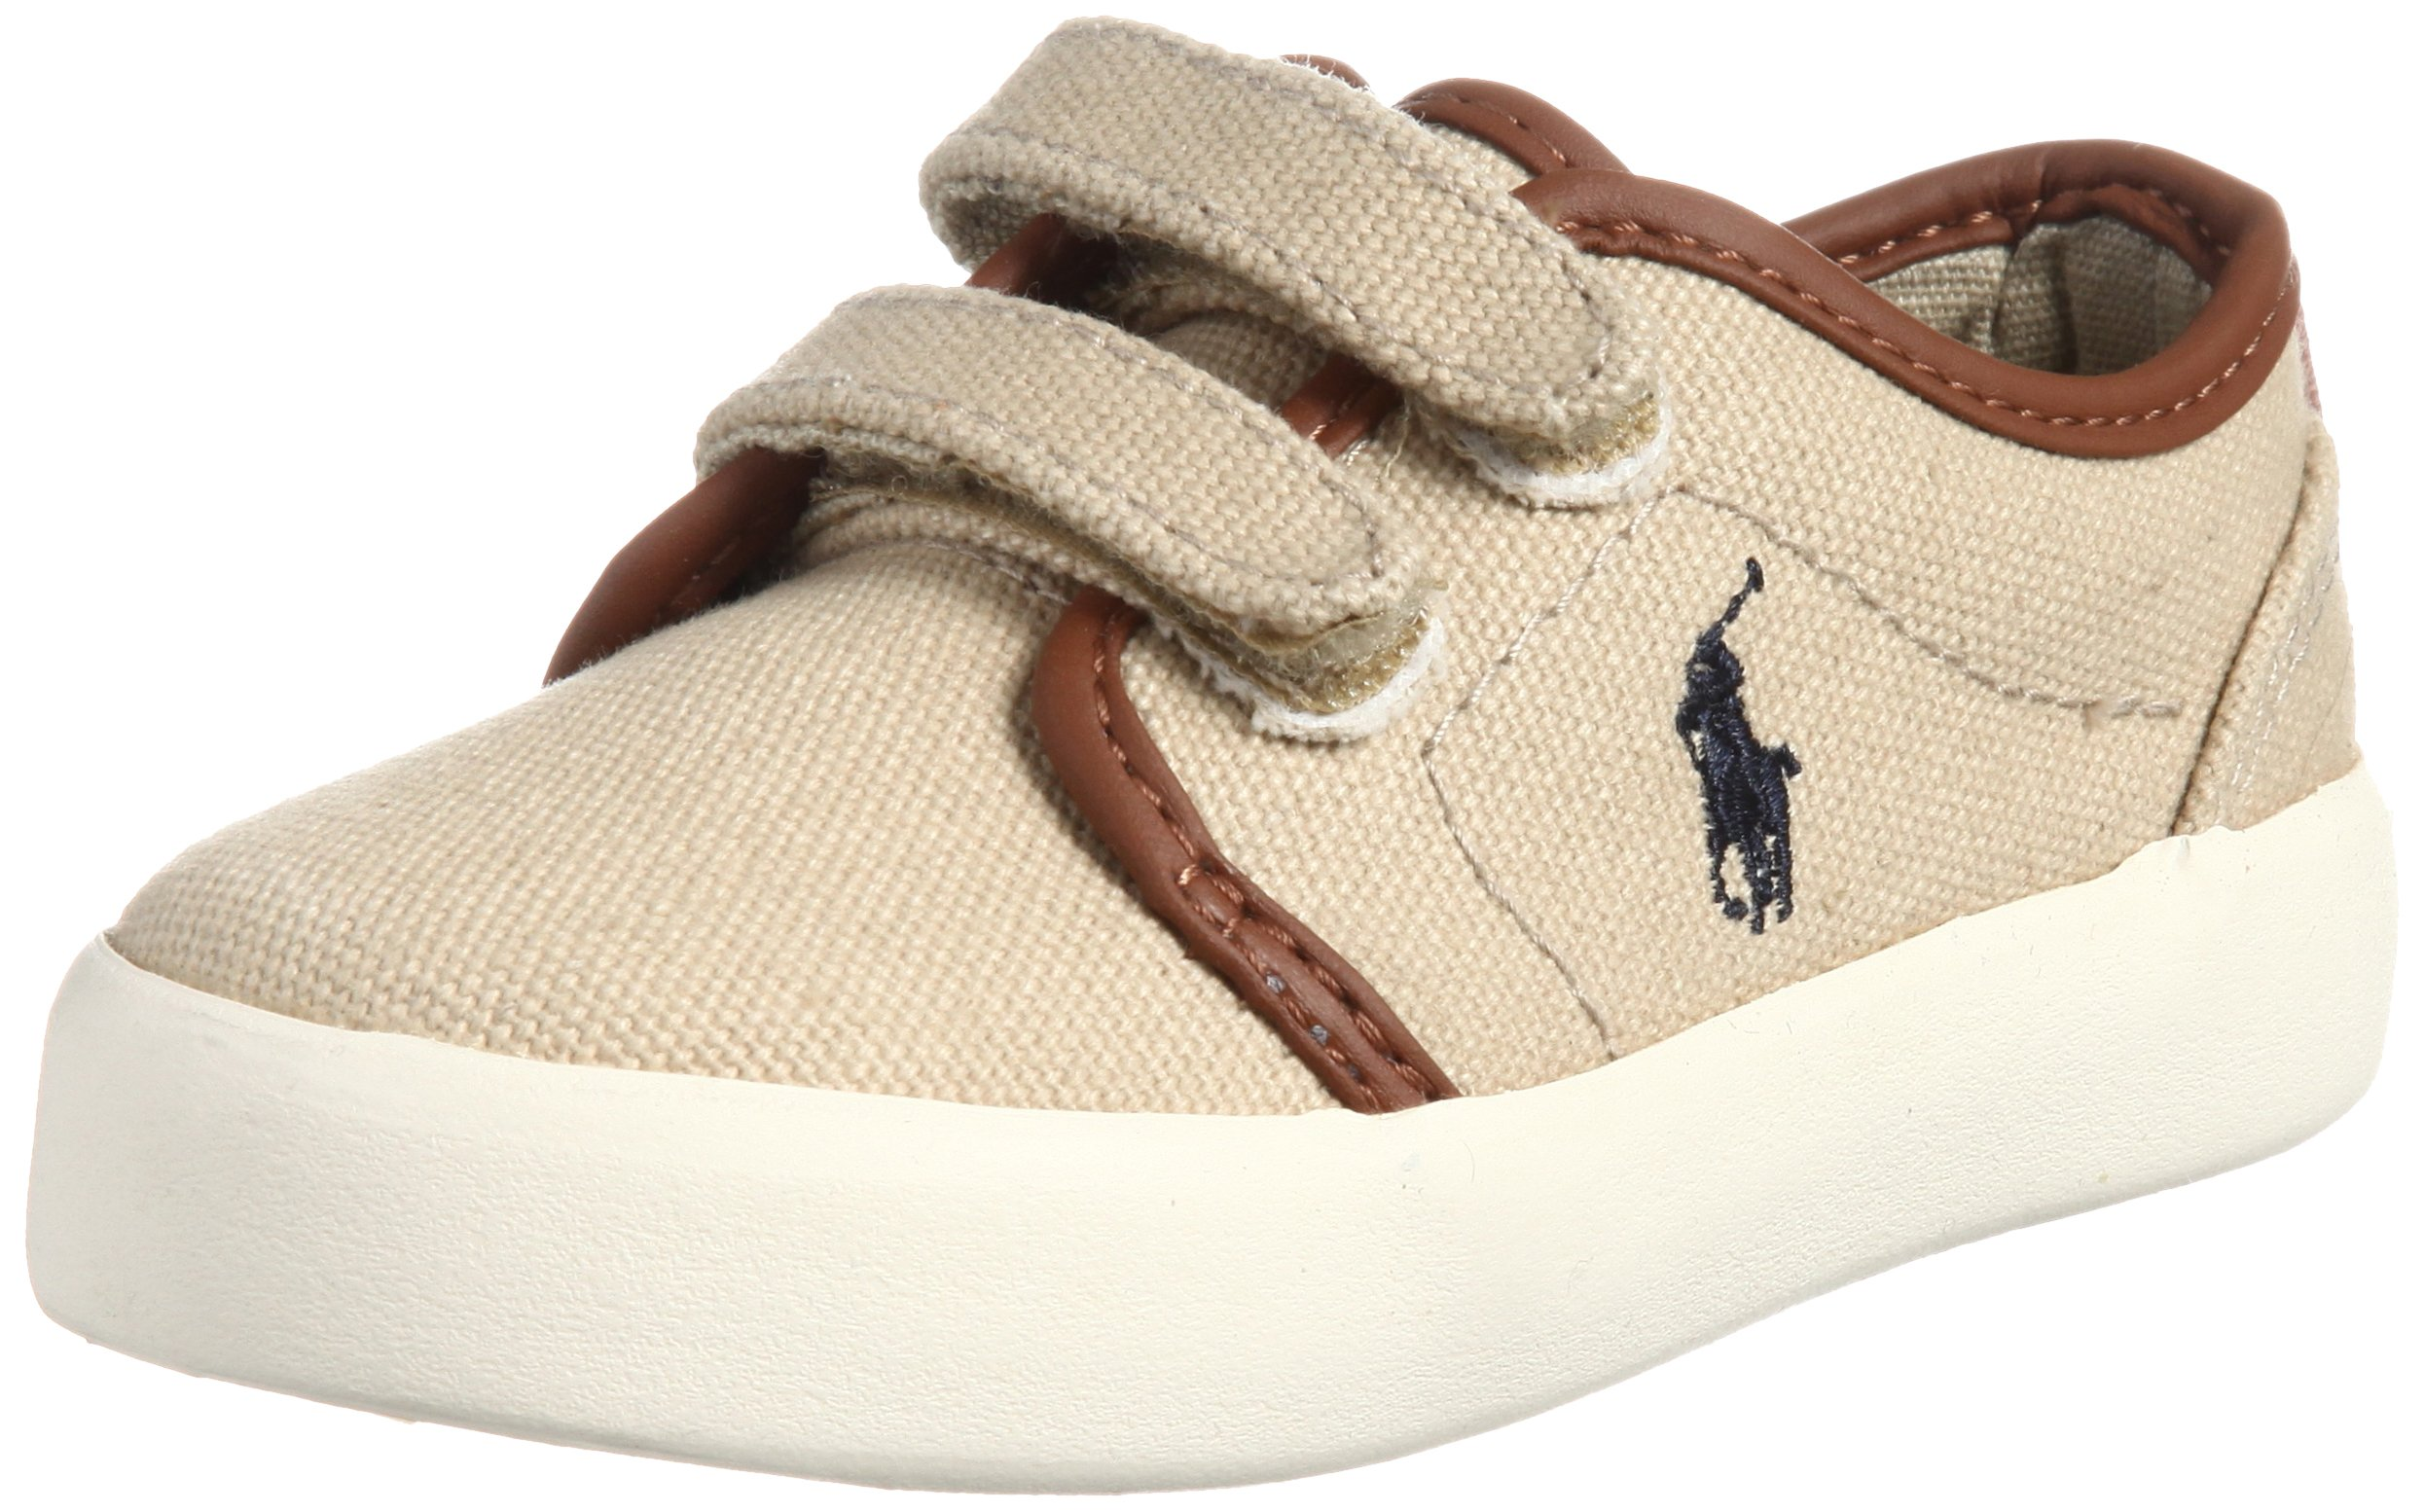 Polo Ralph Lauren Kids Ethan Low EZ Sneaker (Toddler/Big Kid),Khaki,6 M US Toddler